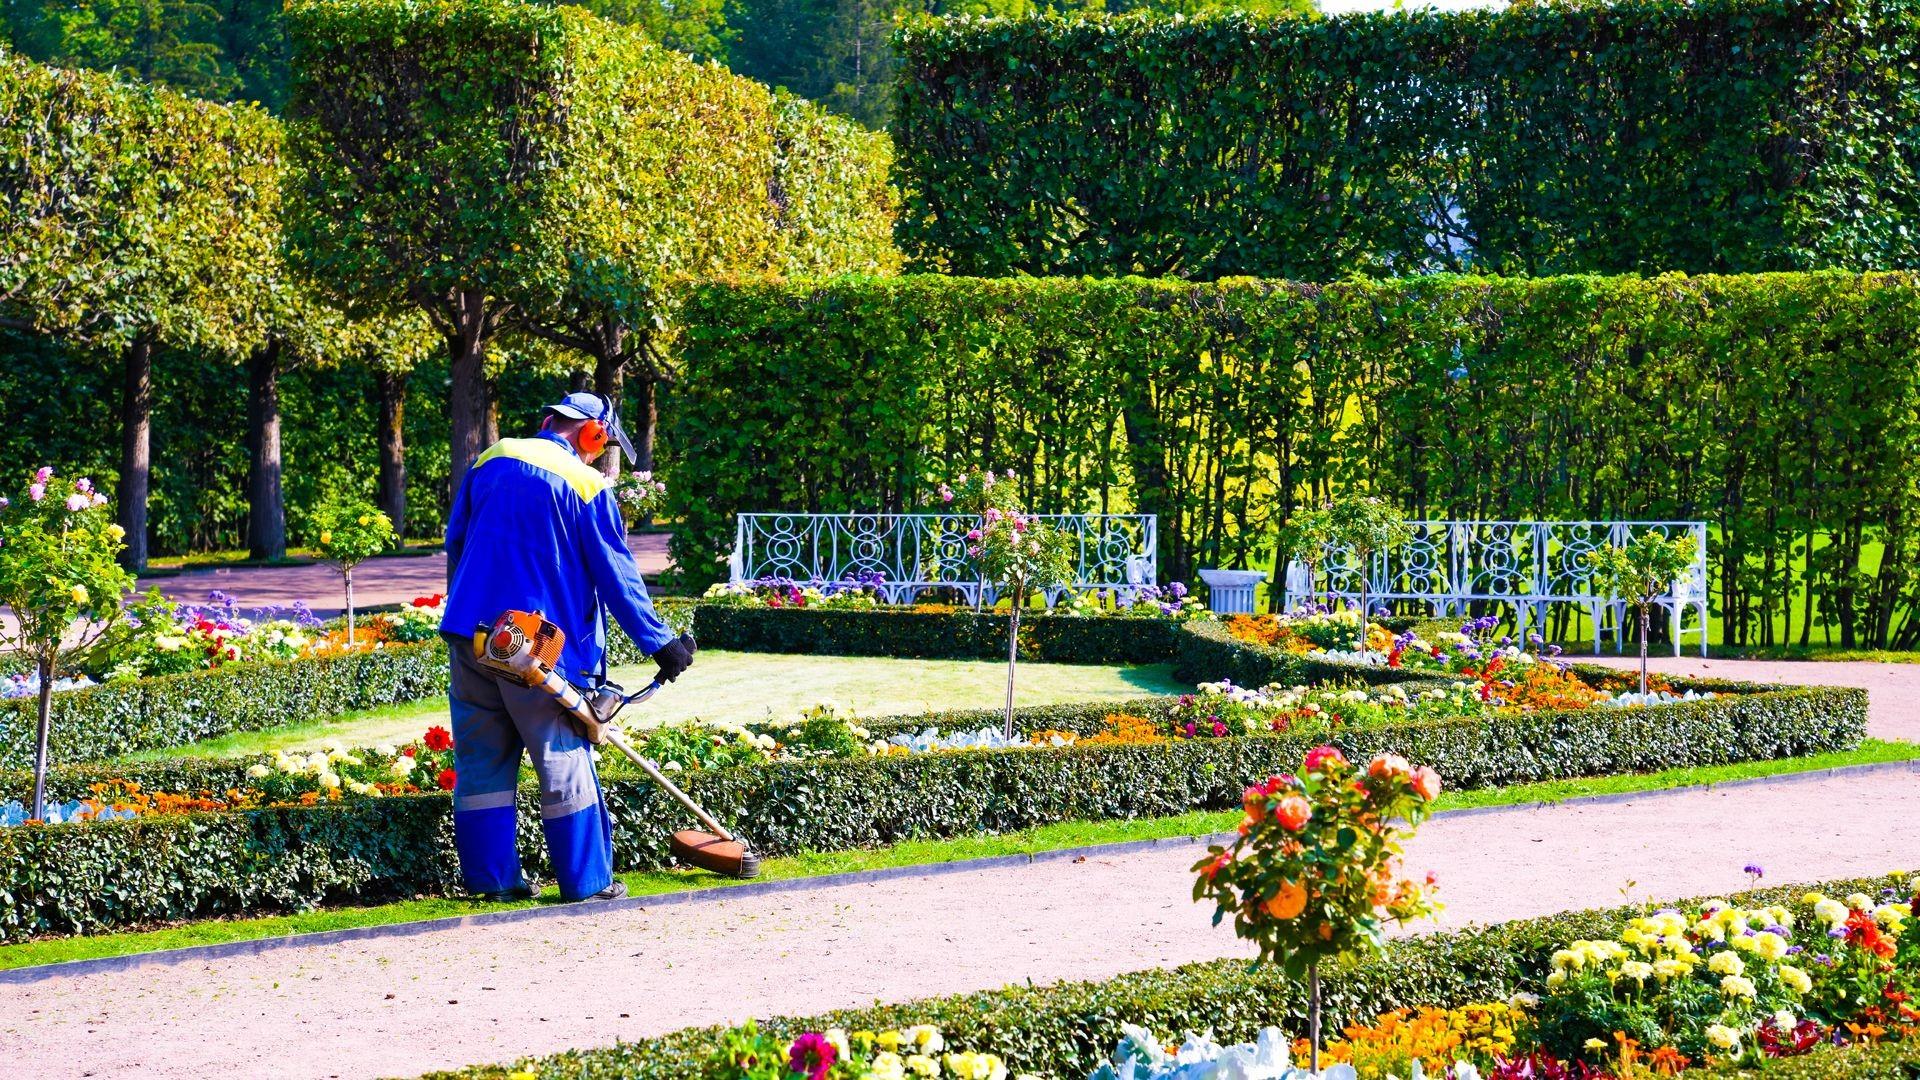 Mantenimento de jardines en Barcelona